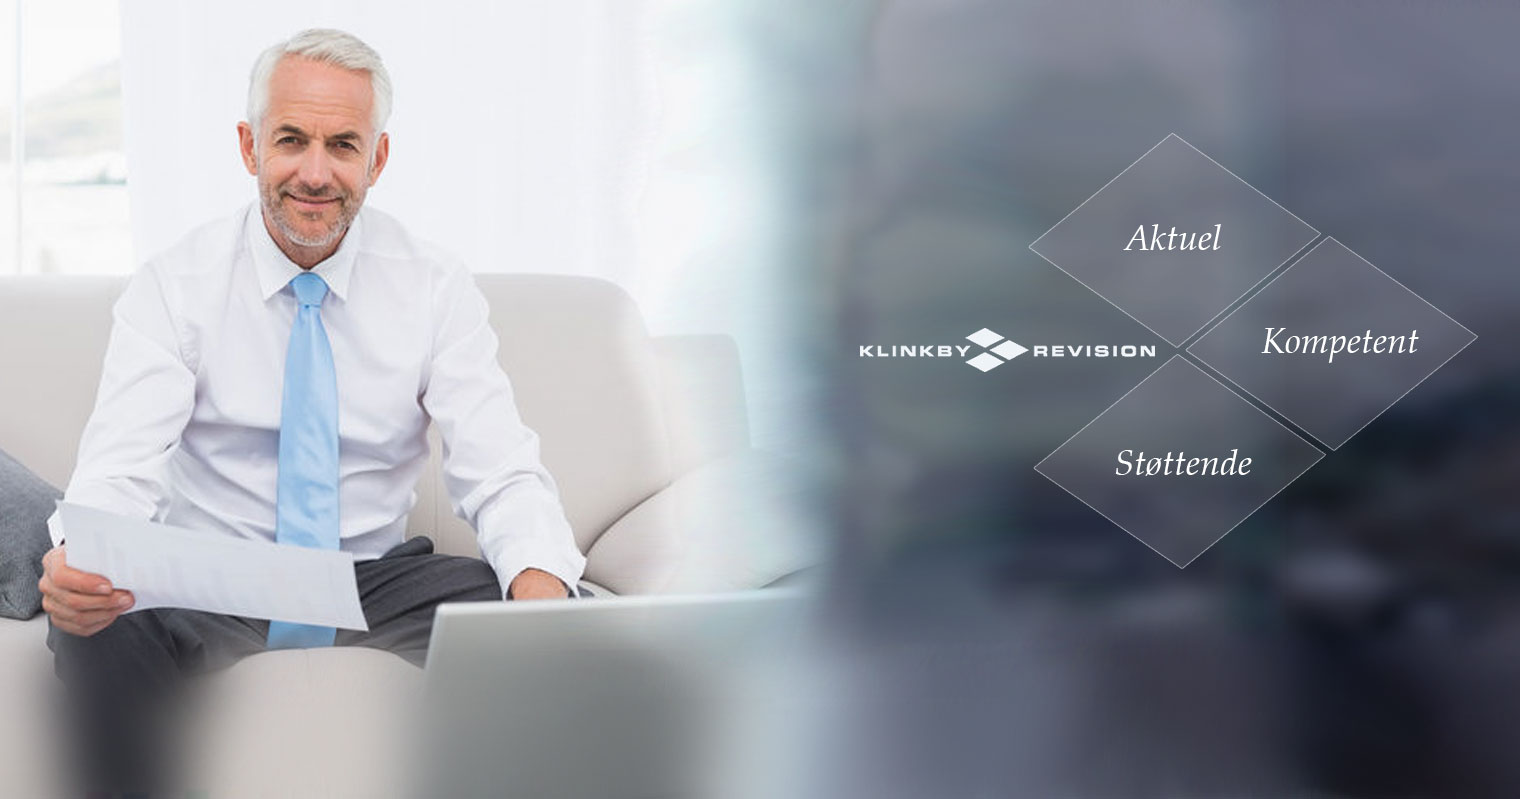 En registreret revisor er forpligtet til at have tegnet en ansvarsforsikring og en garantiforsikring.